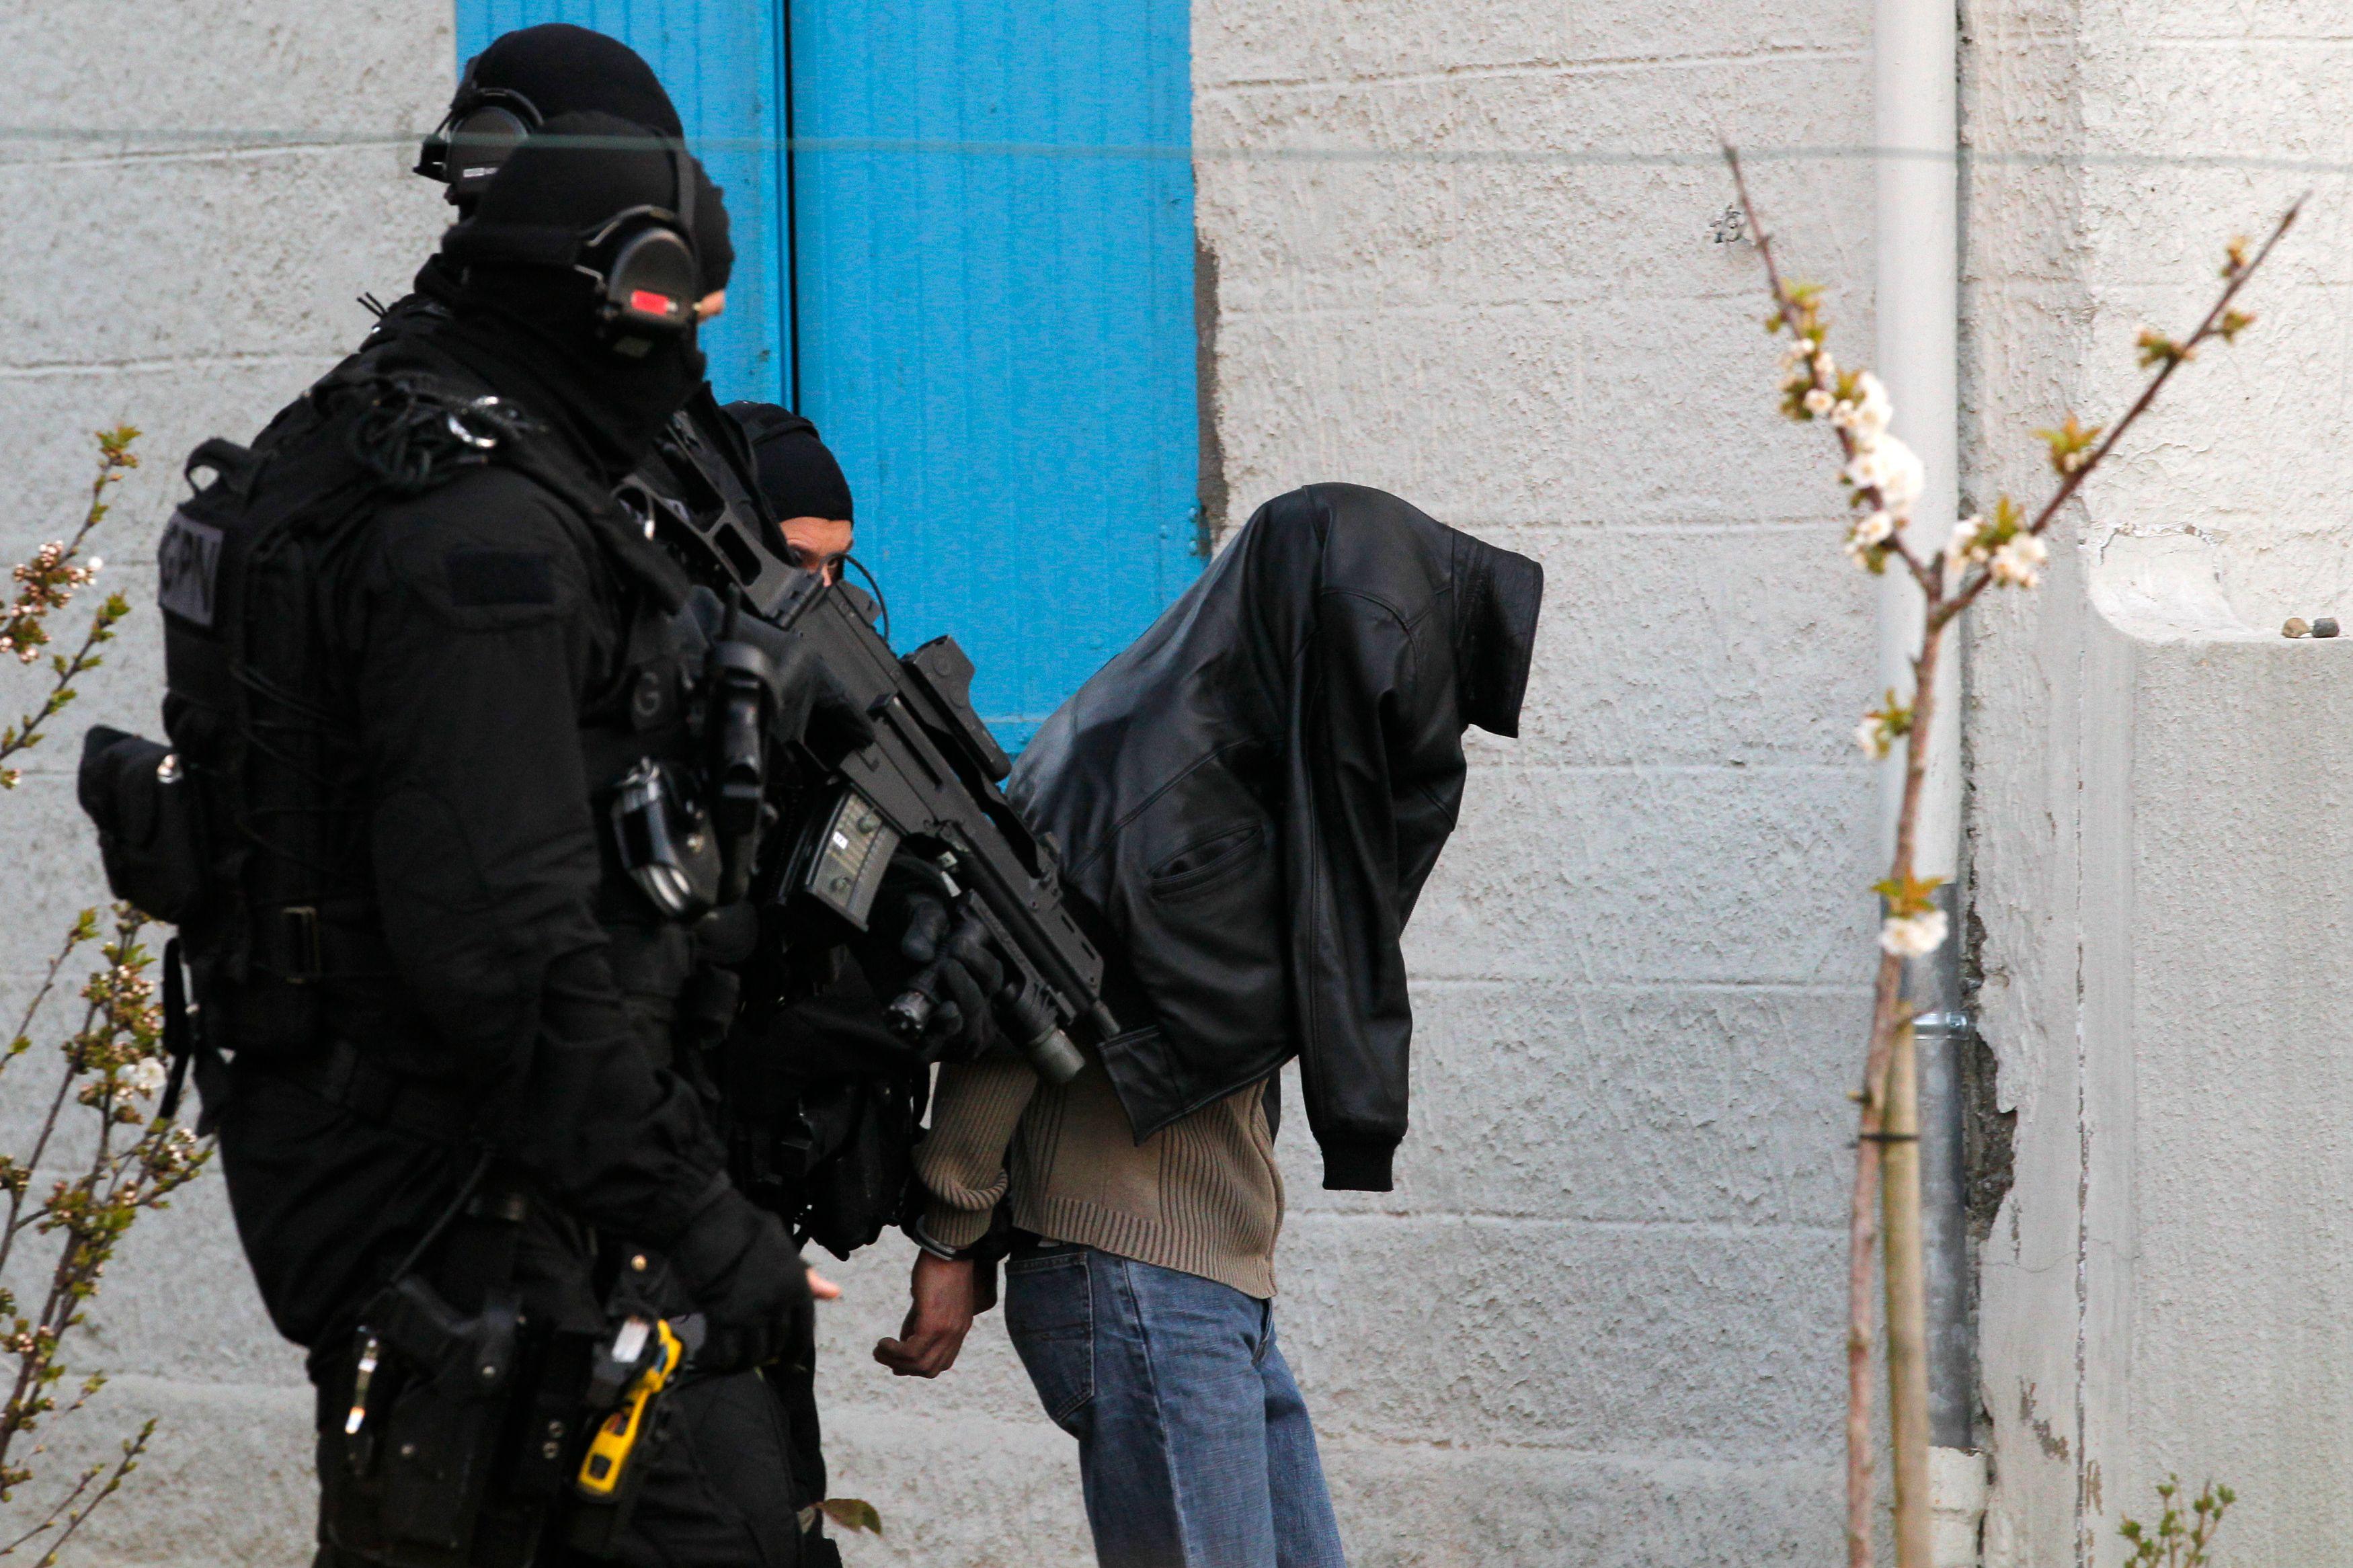 """Une vaste opération coup de poing a été menée ce matin à Toulouse, Lyon, Nantes et Le Mans a conduit à l'interpellation d'une vingtaine de personnes soupçonnées de graviter dans la mouvance du groupement pro-djihadiste """"Forsane Alizza""""."""